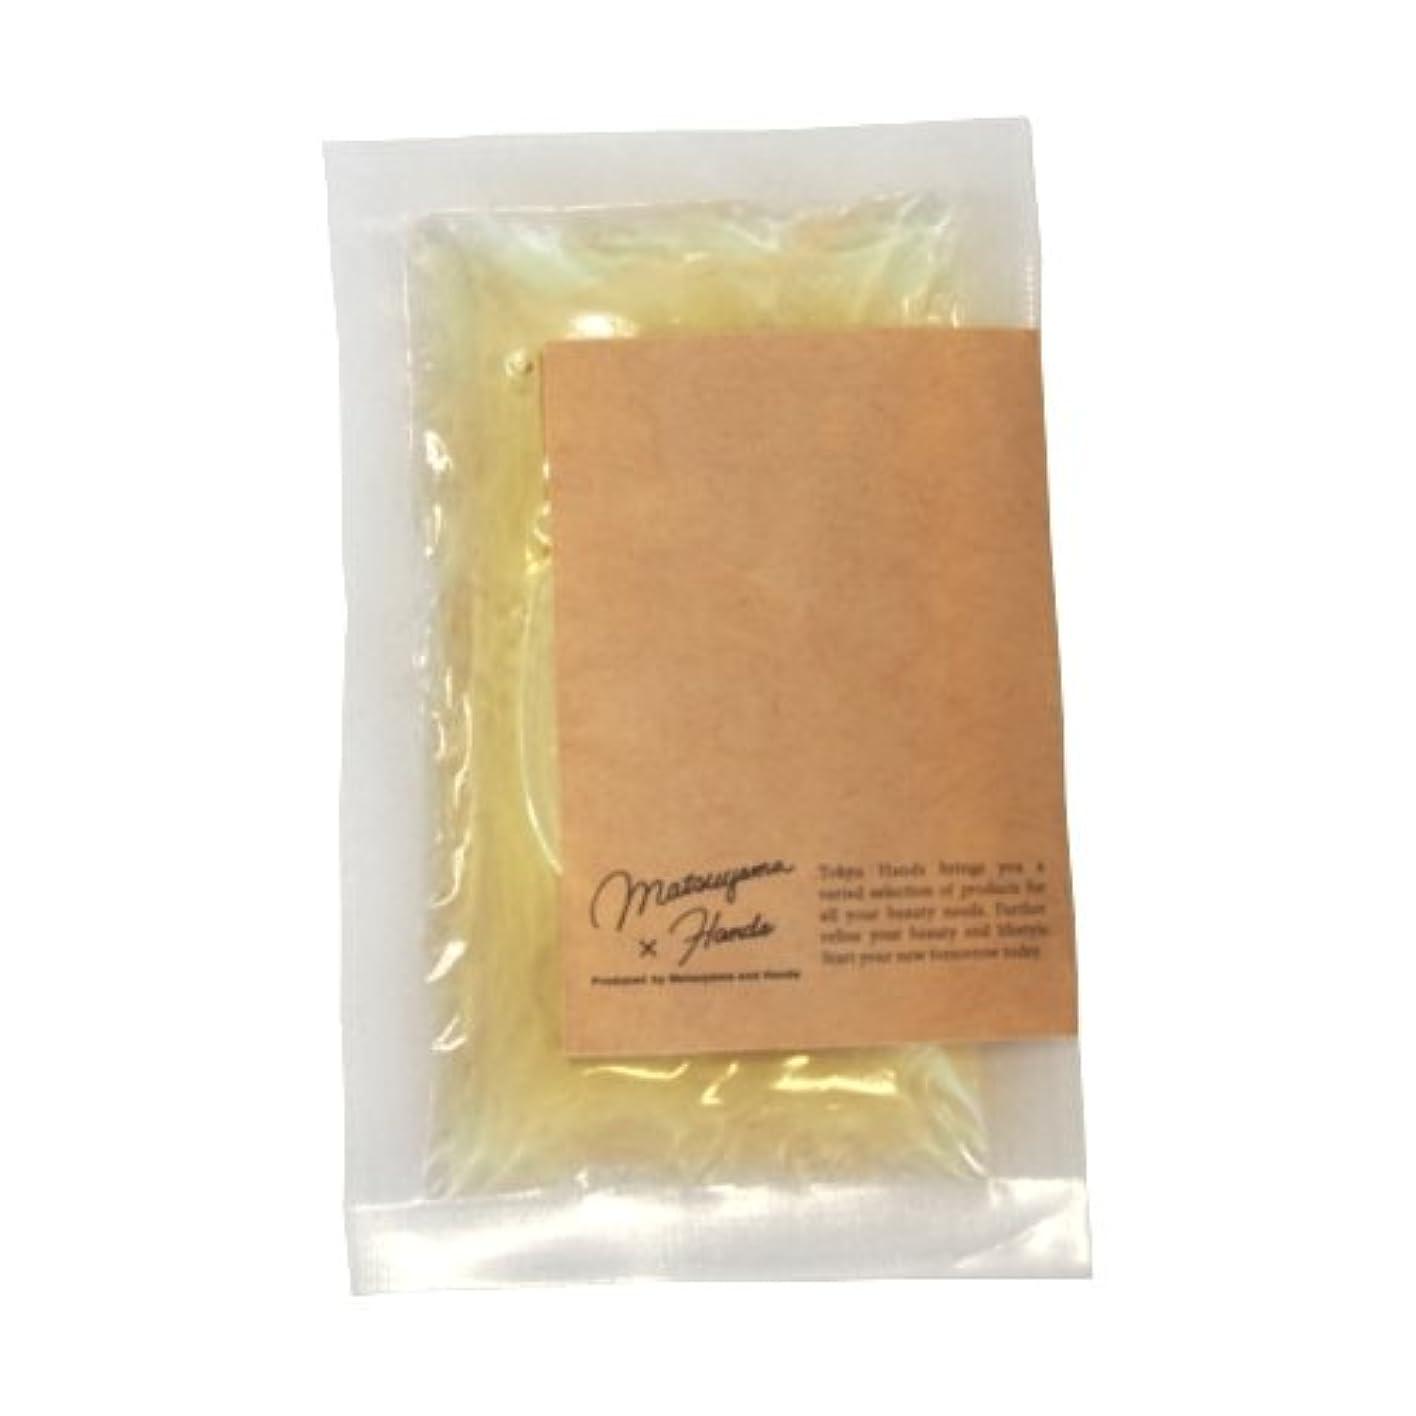 補体バターシャベル松山油脂×東急ハンズ モイスチャーバスエッセンス カモミール 20mL